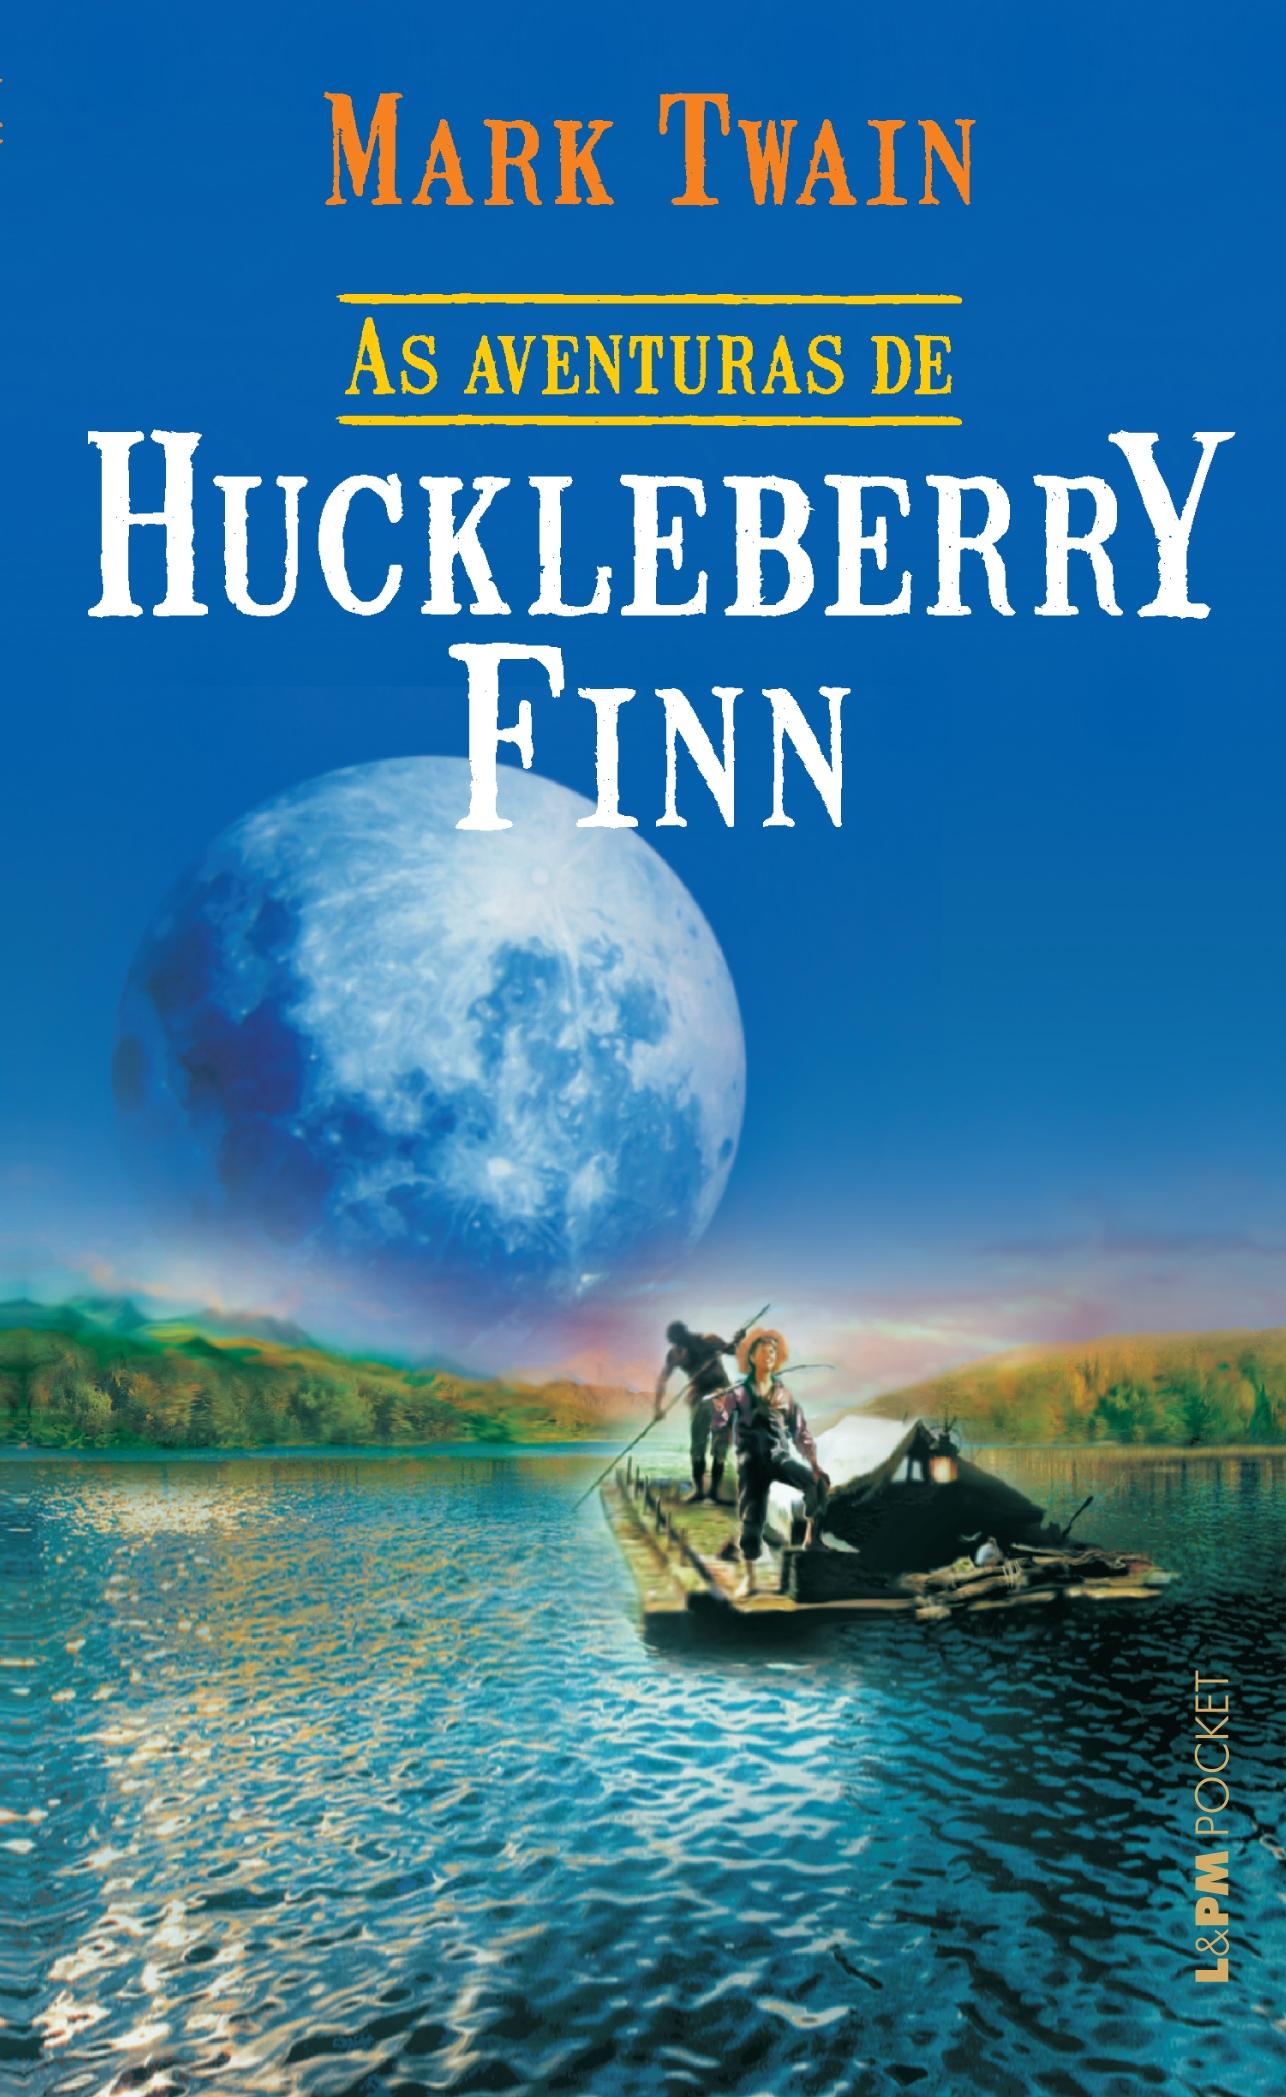 Resultado de imagem para As aventuras de Huckleberry Finn livro